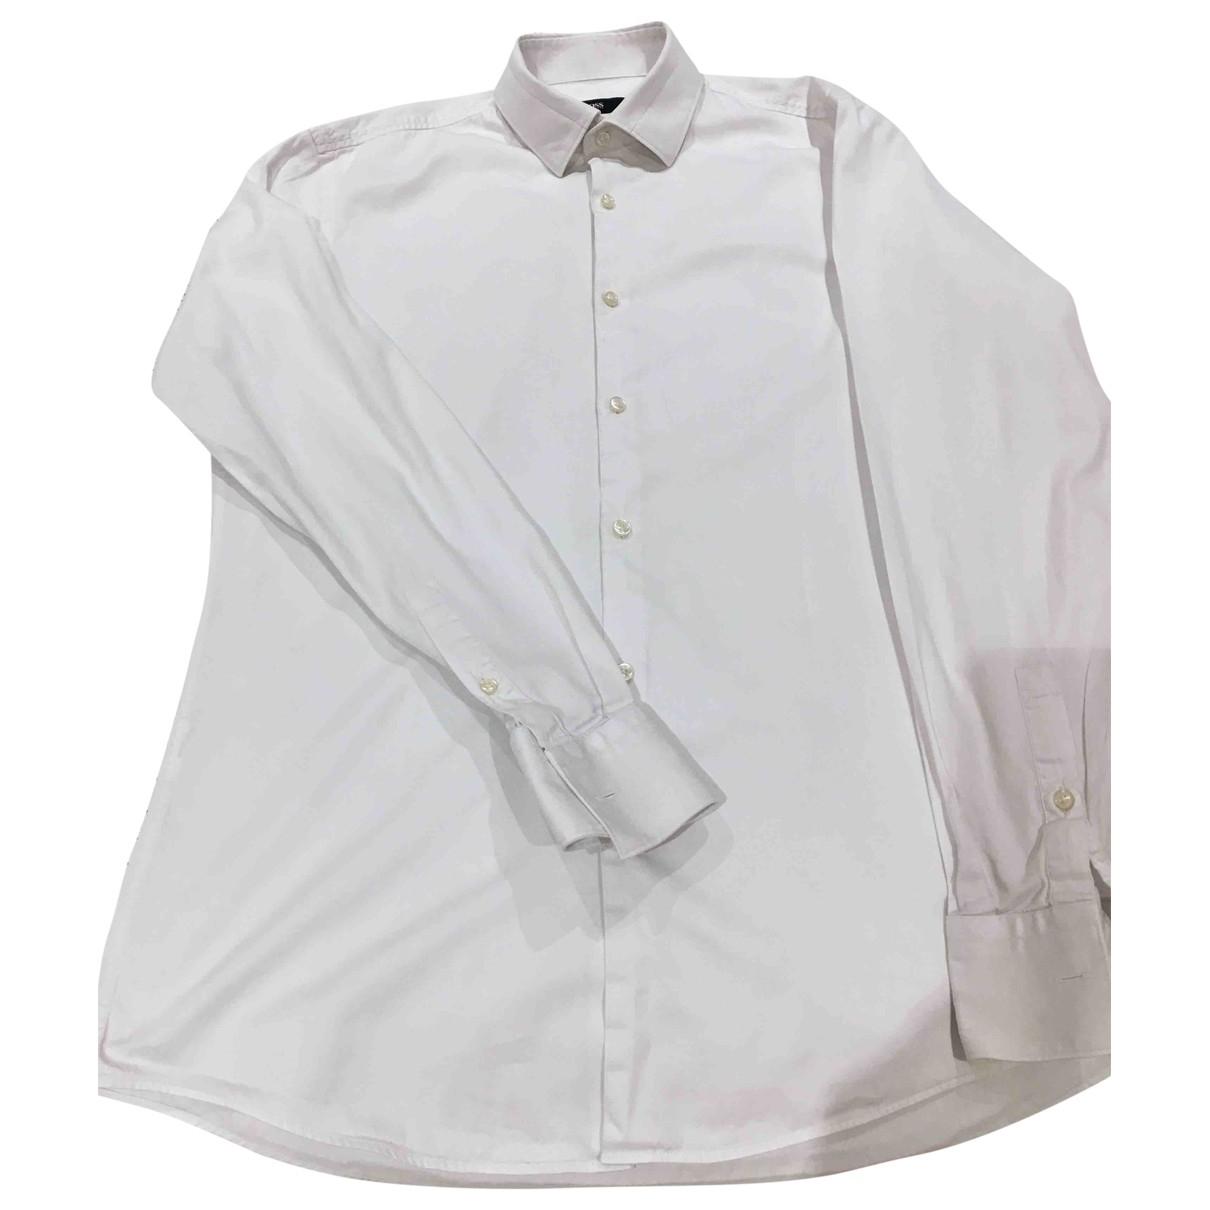 Hugo Boss \N White Cotton Shirts for Men 39 EU (tour de cou / collar)